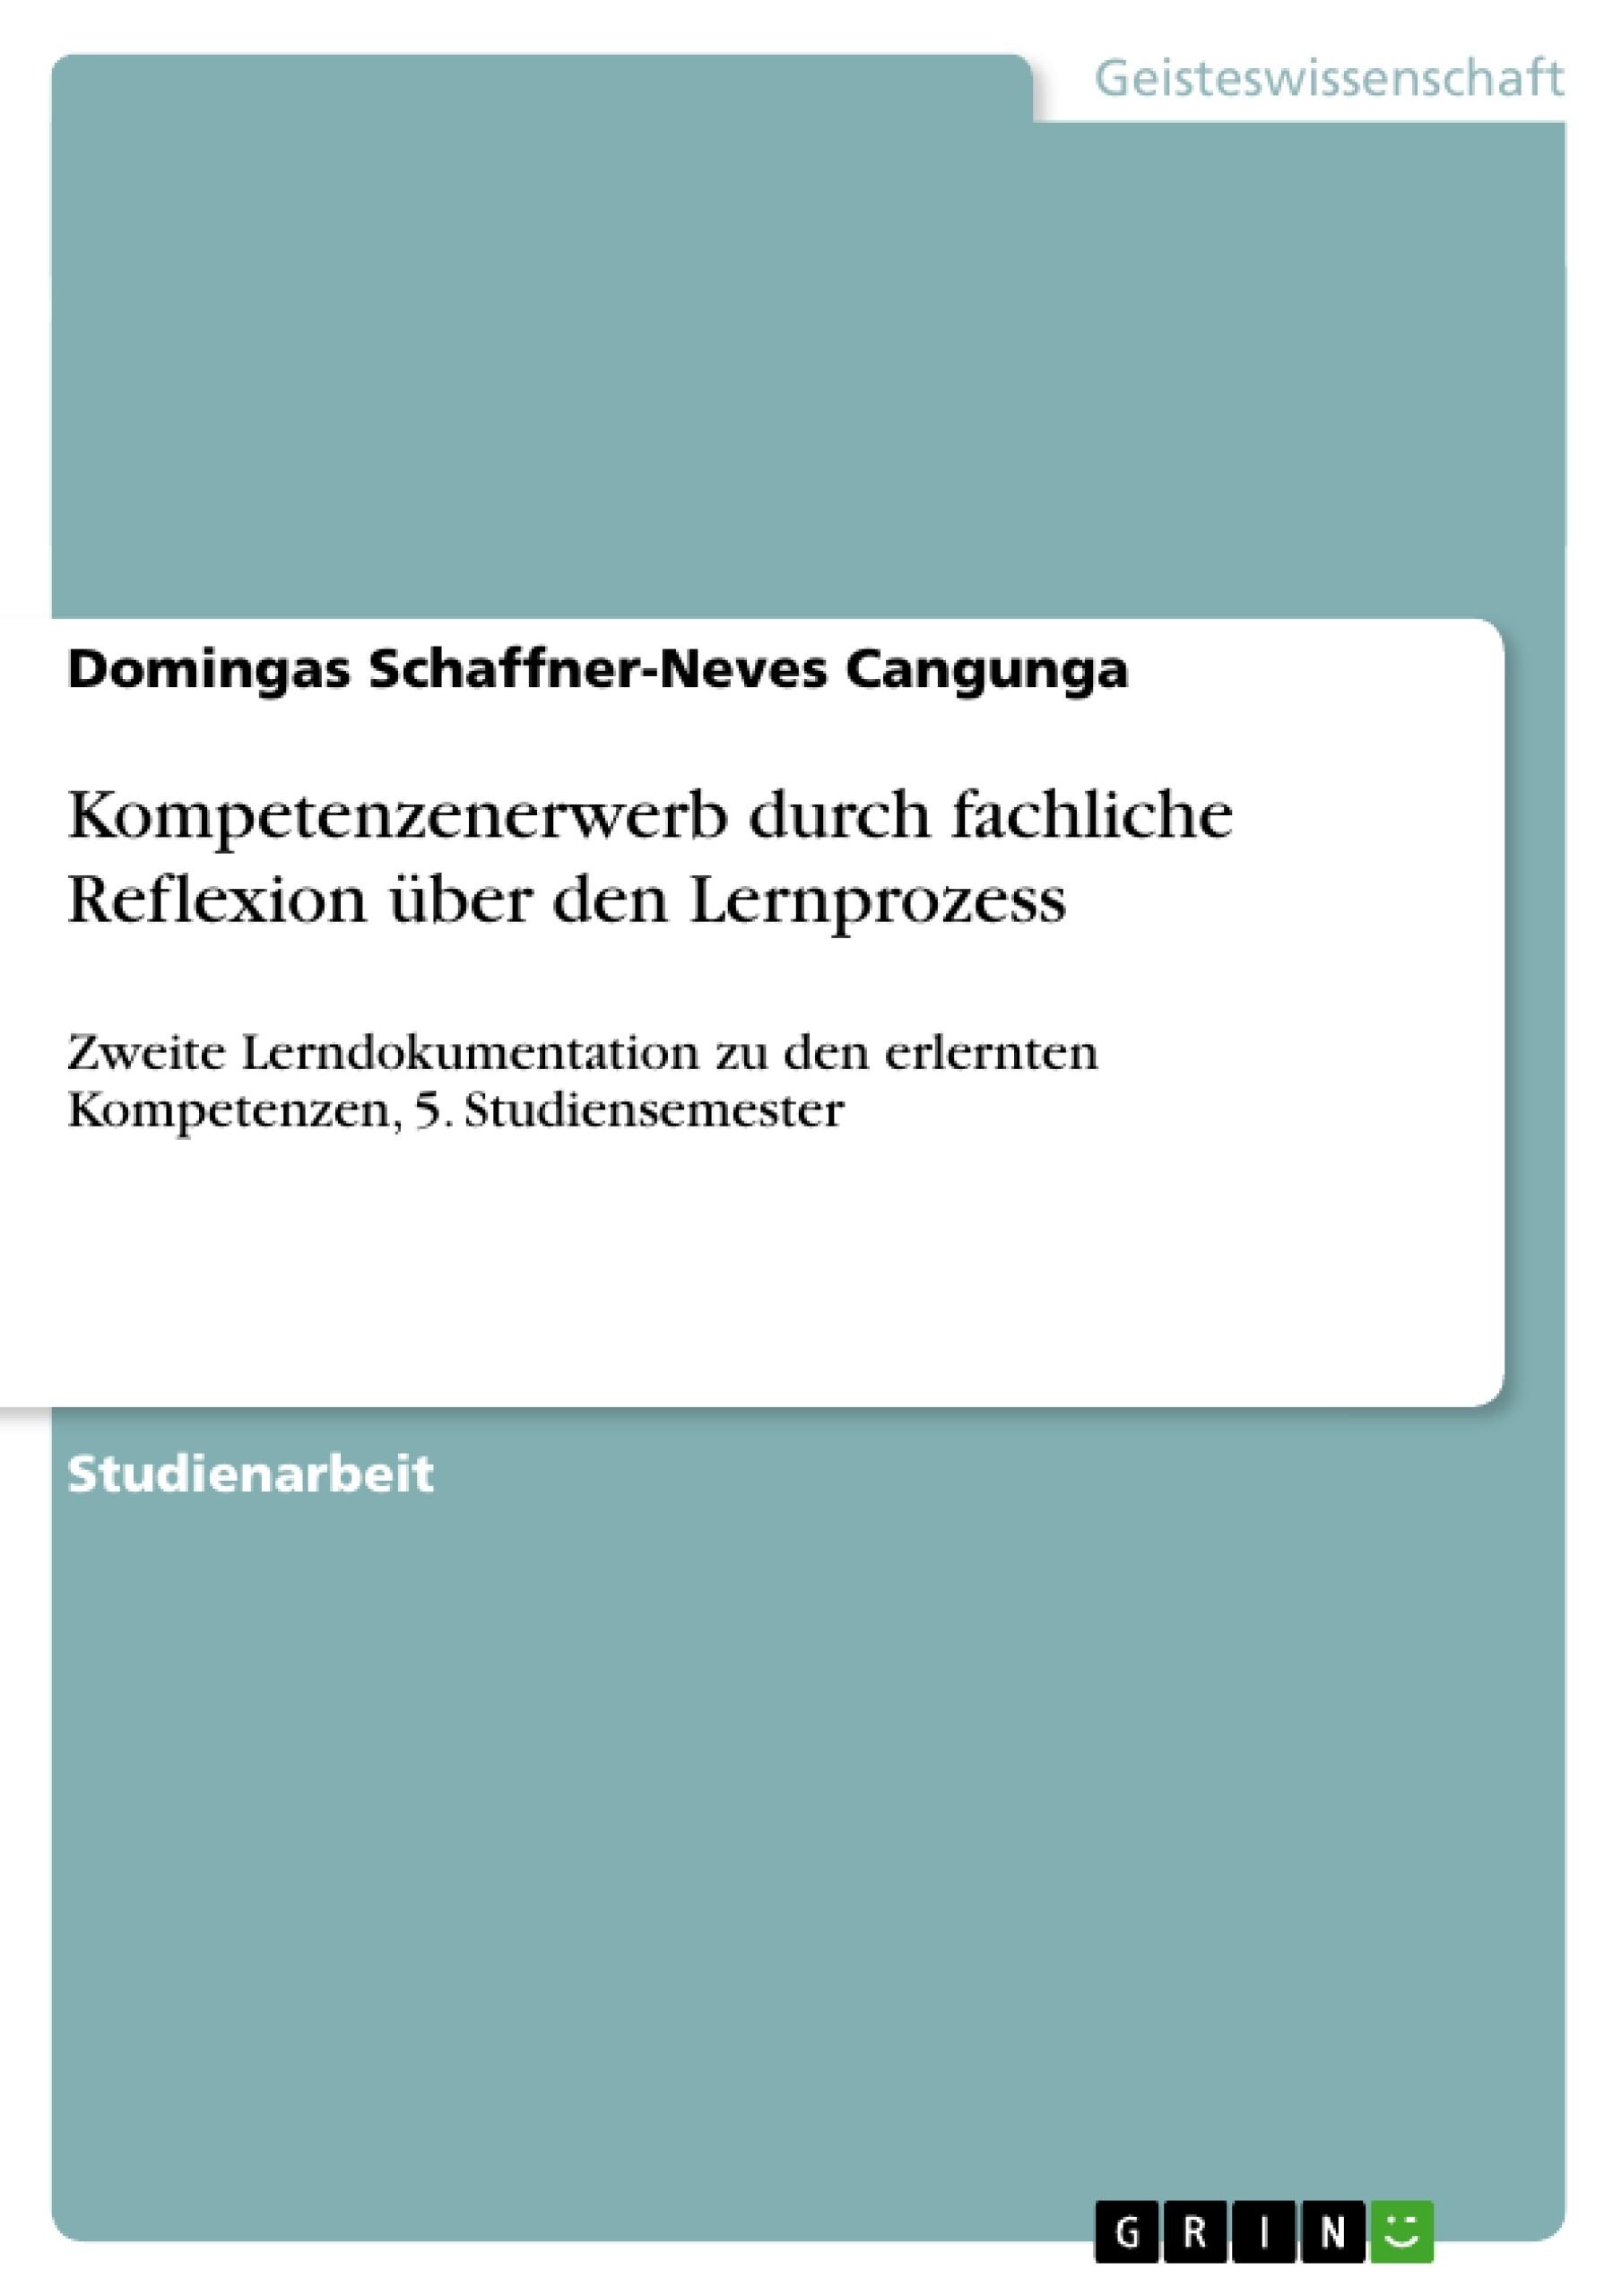 Titel: Kompetenzenerwerb durch fachliche Reflexion über den Lernprozess